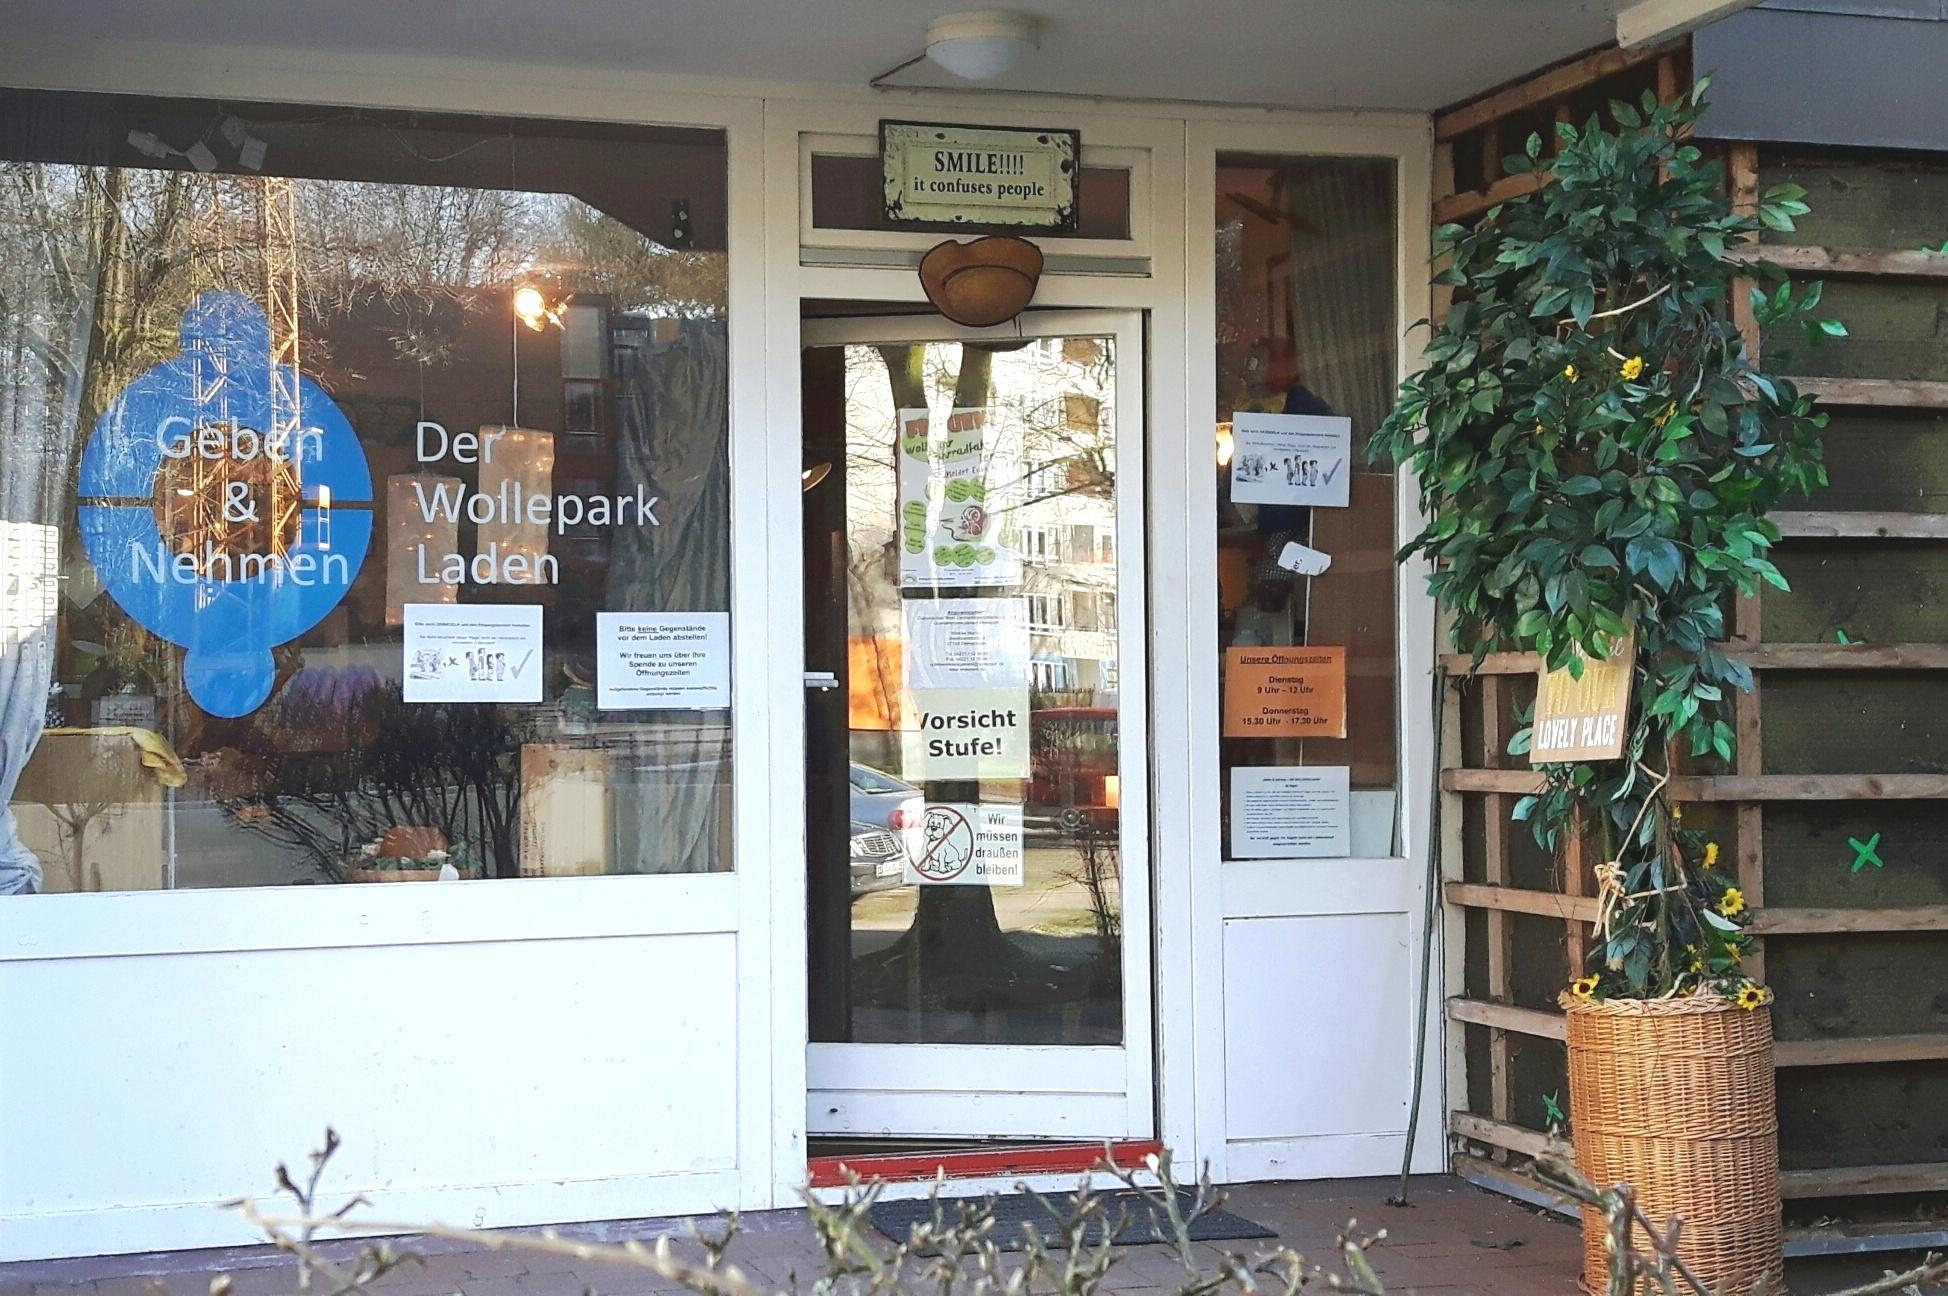 gcp unterst tzt den umsonstladen in delmenhorst grand city property gcp wohnungssuche. Black Bedroom Furniture Sets. Home Design Ideas